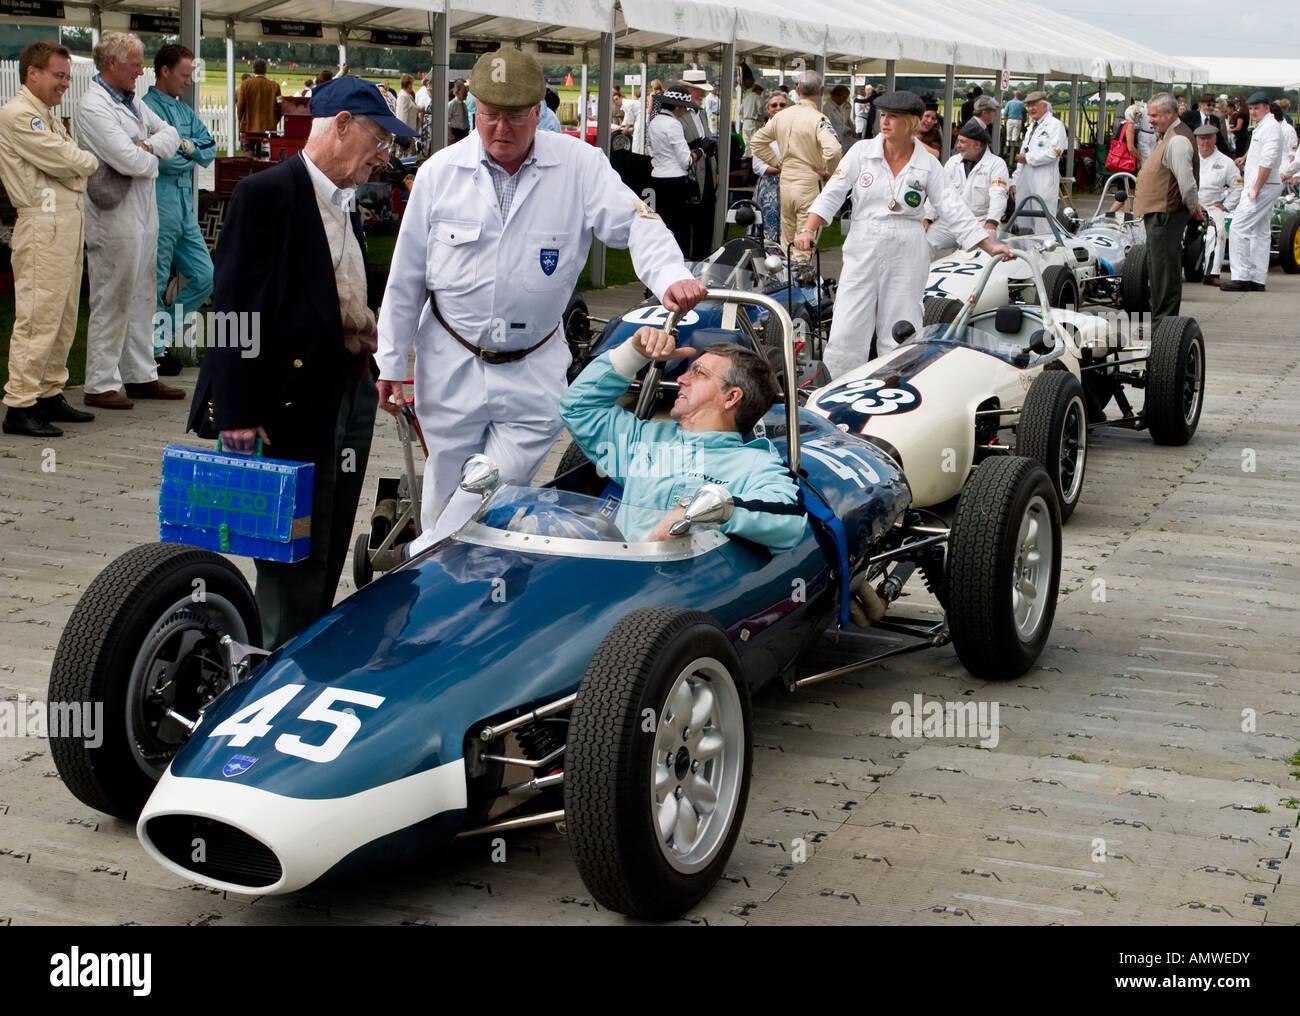 1960 Lola Höhepunkt Mk1 bereitet sich auf den Paddock für das Madgwick Cup Rennen in Goodwood Revival, Stockbild